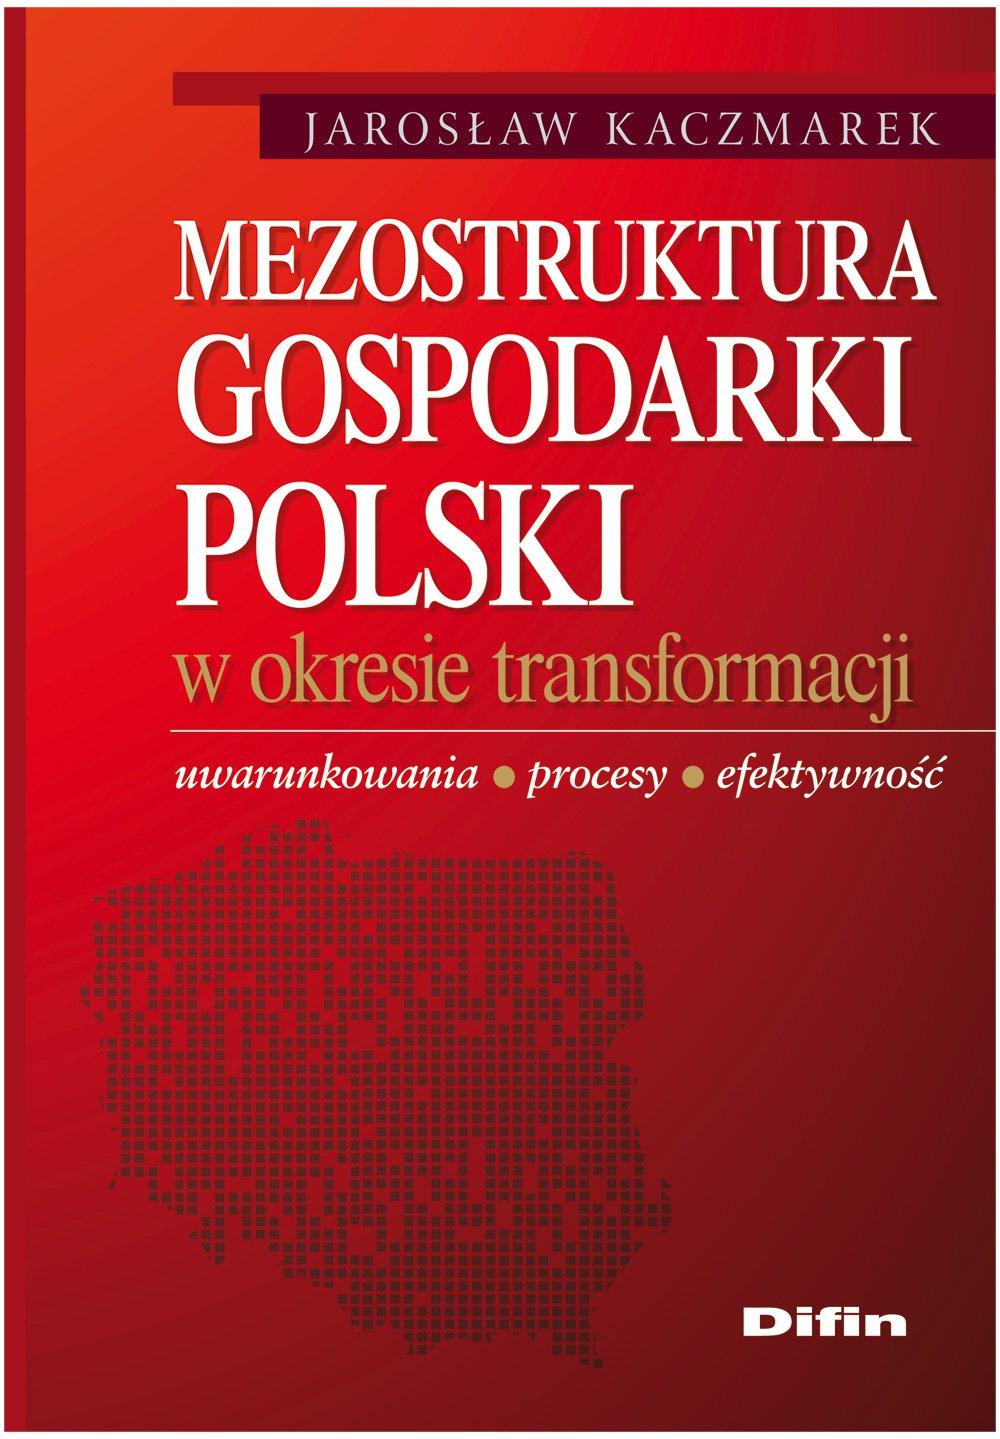 Mezostruktura gospodarki Polski w okresie transformacji. Uwarunkowania, procesy, efektywność